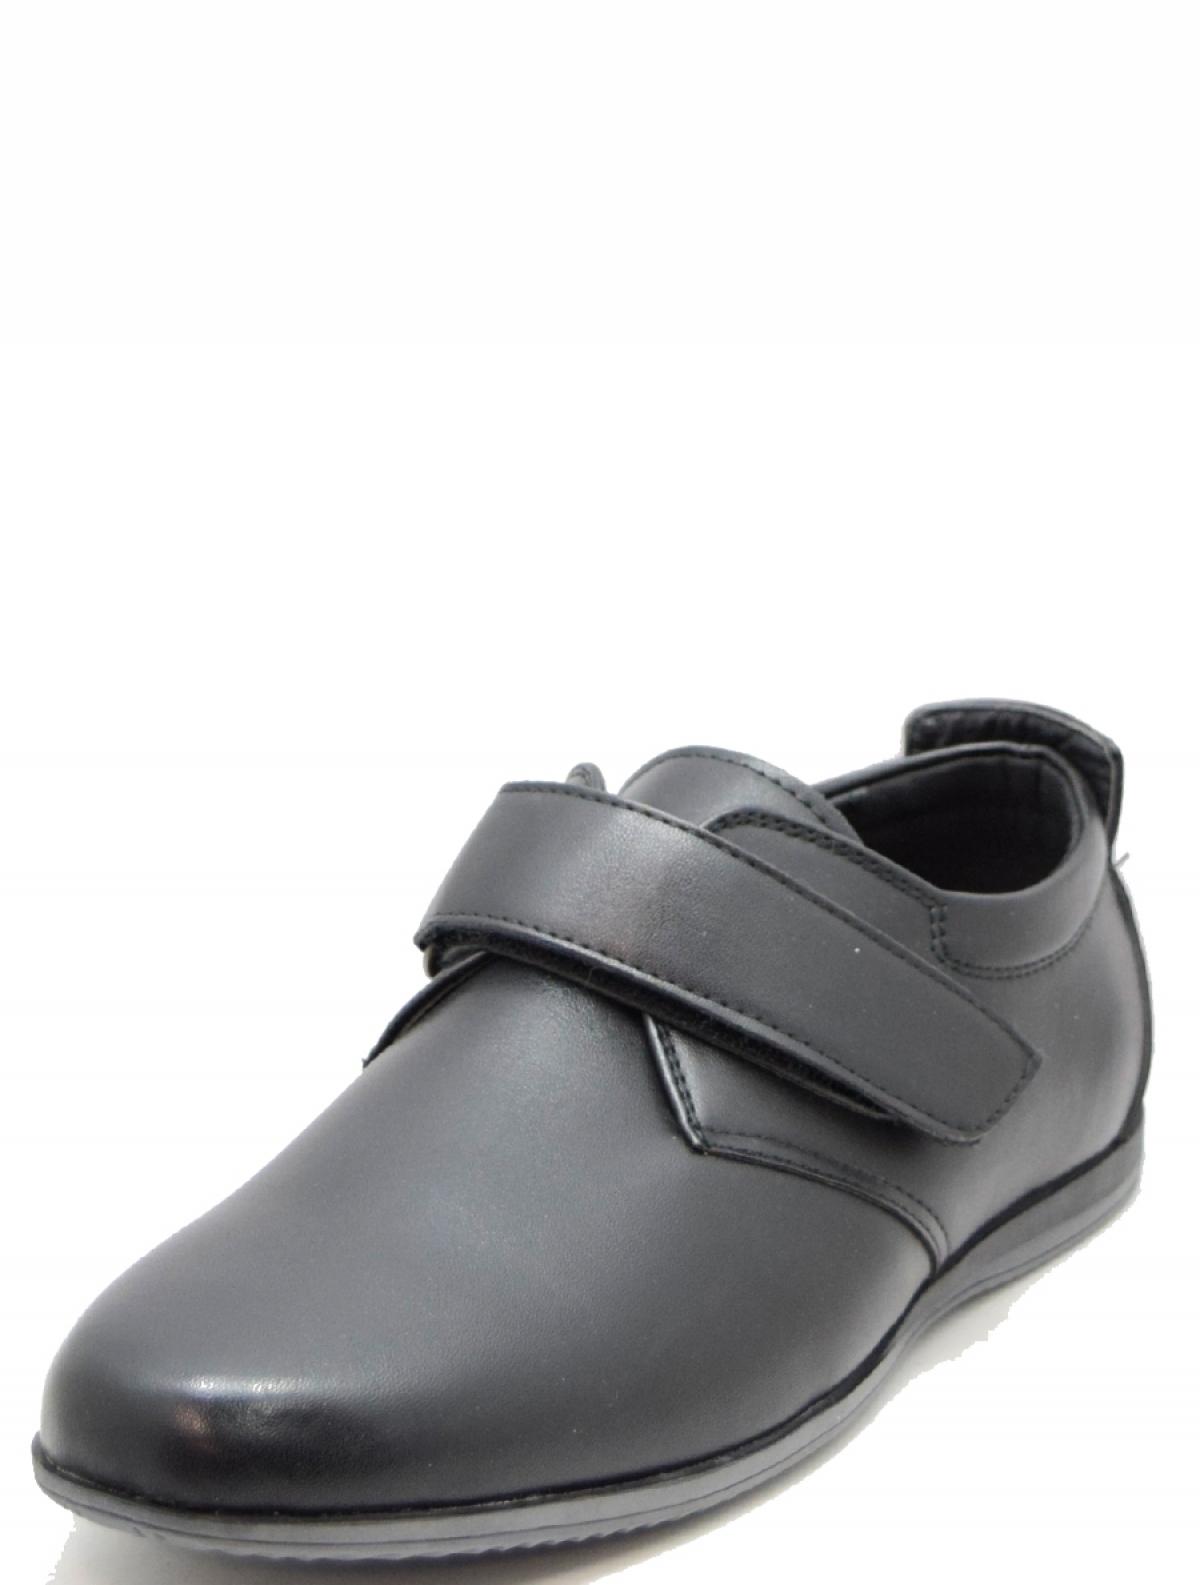 AA110788 туфли д/мальчика